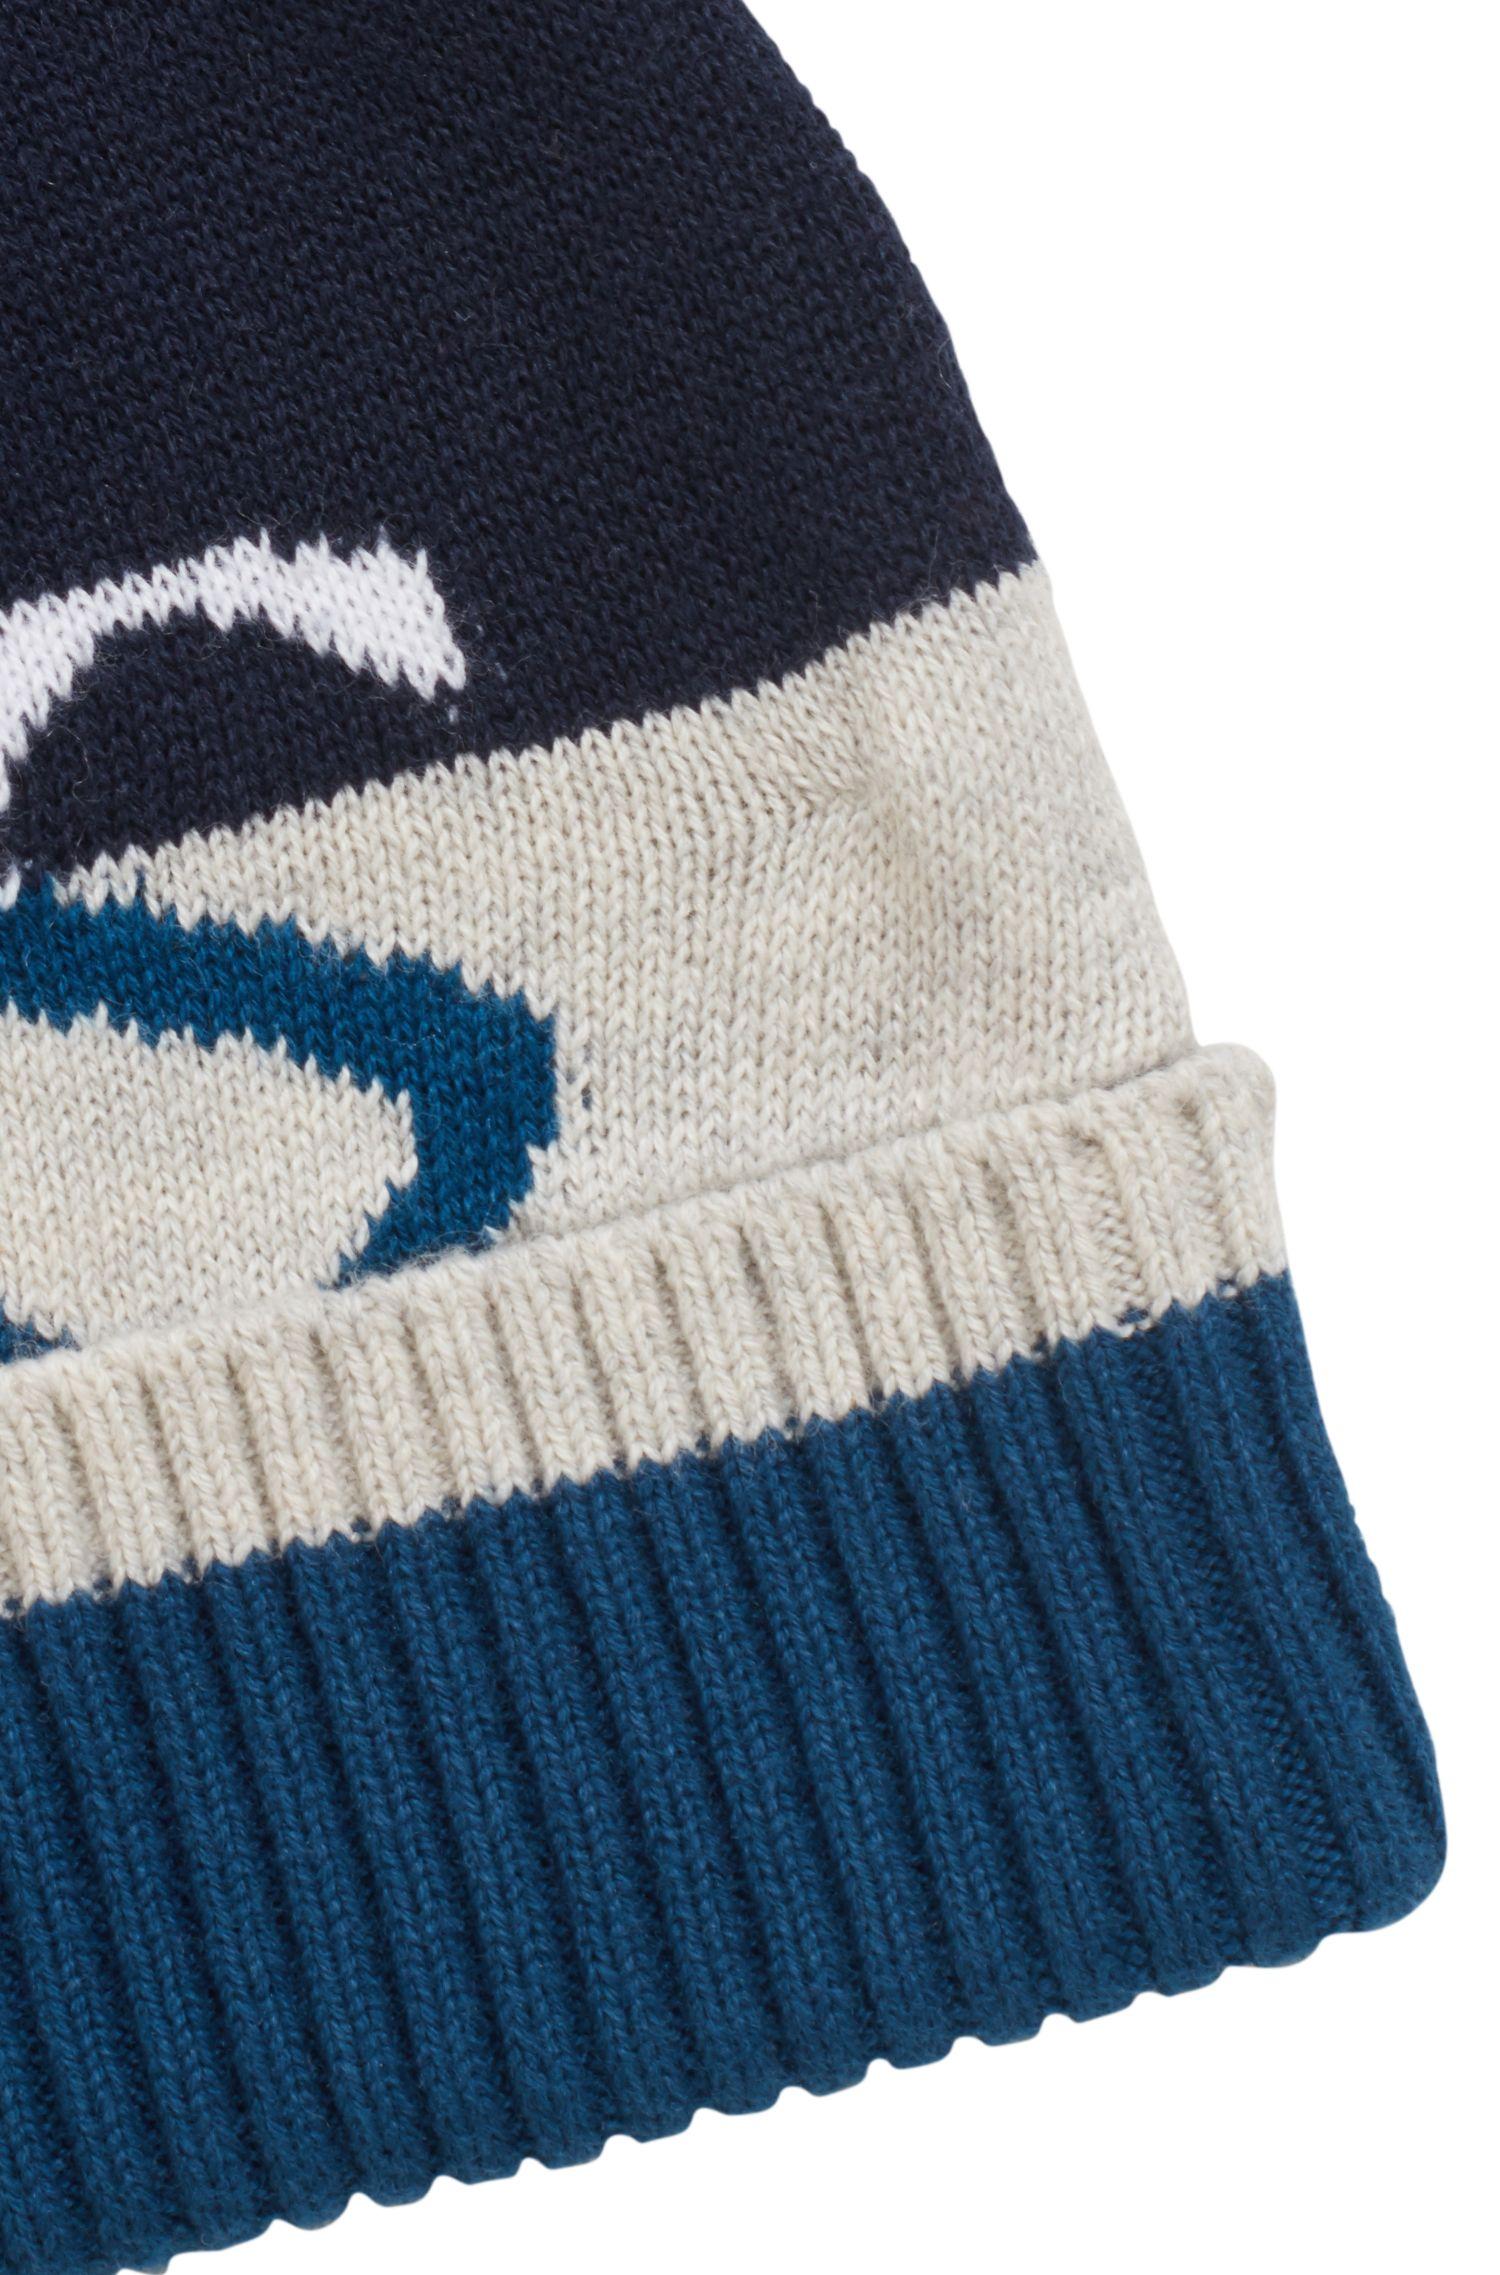 Zuccotto da bambino in cotone pettinato con logo jacquard, Blu scuro